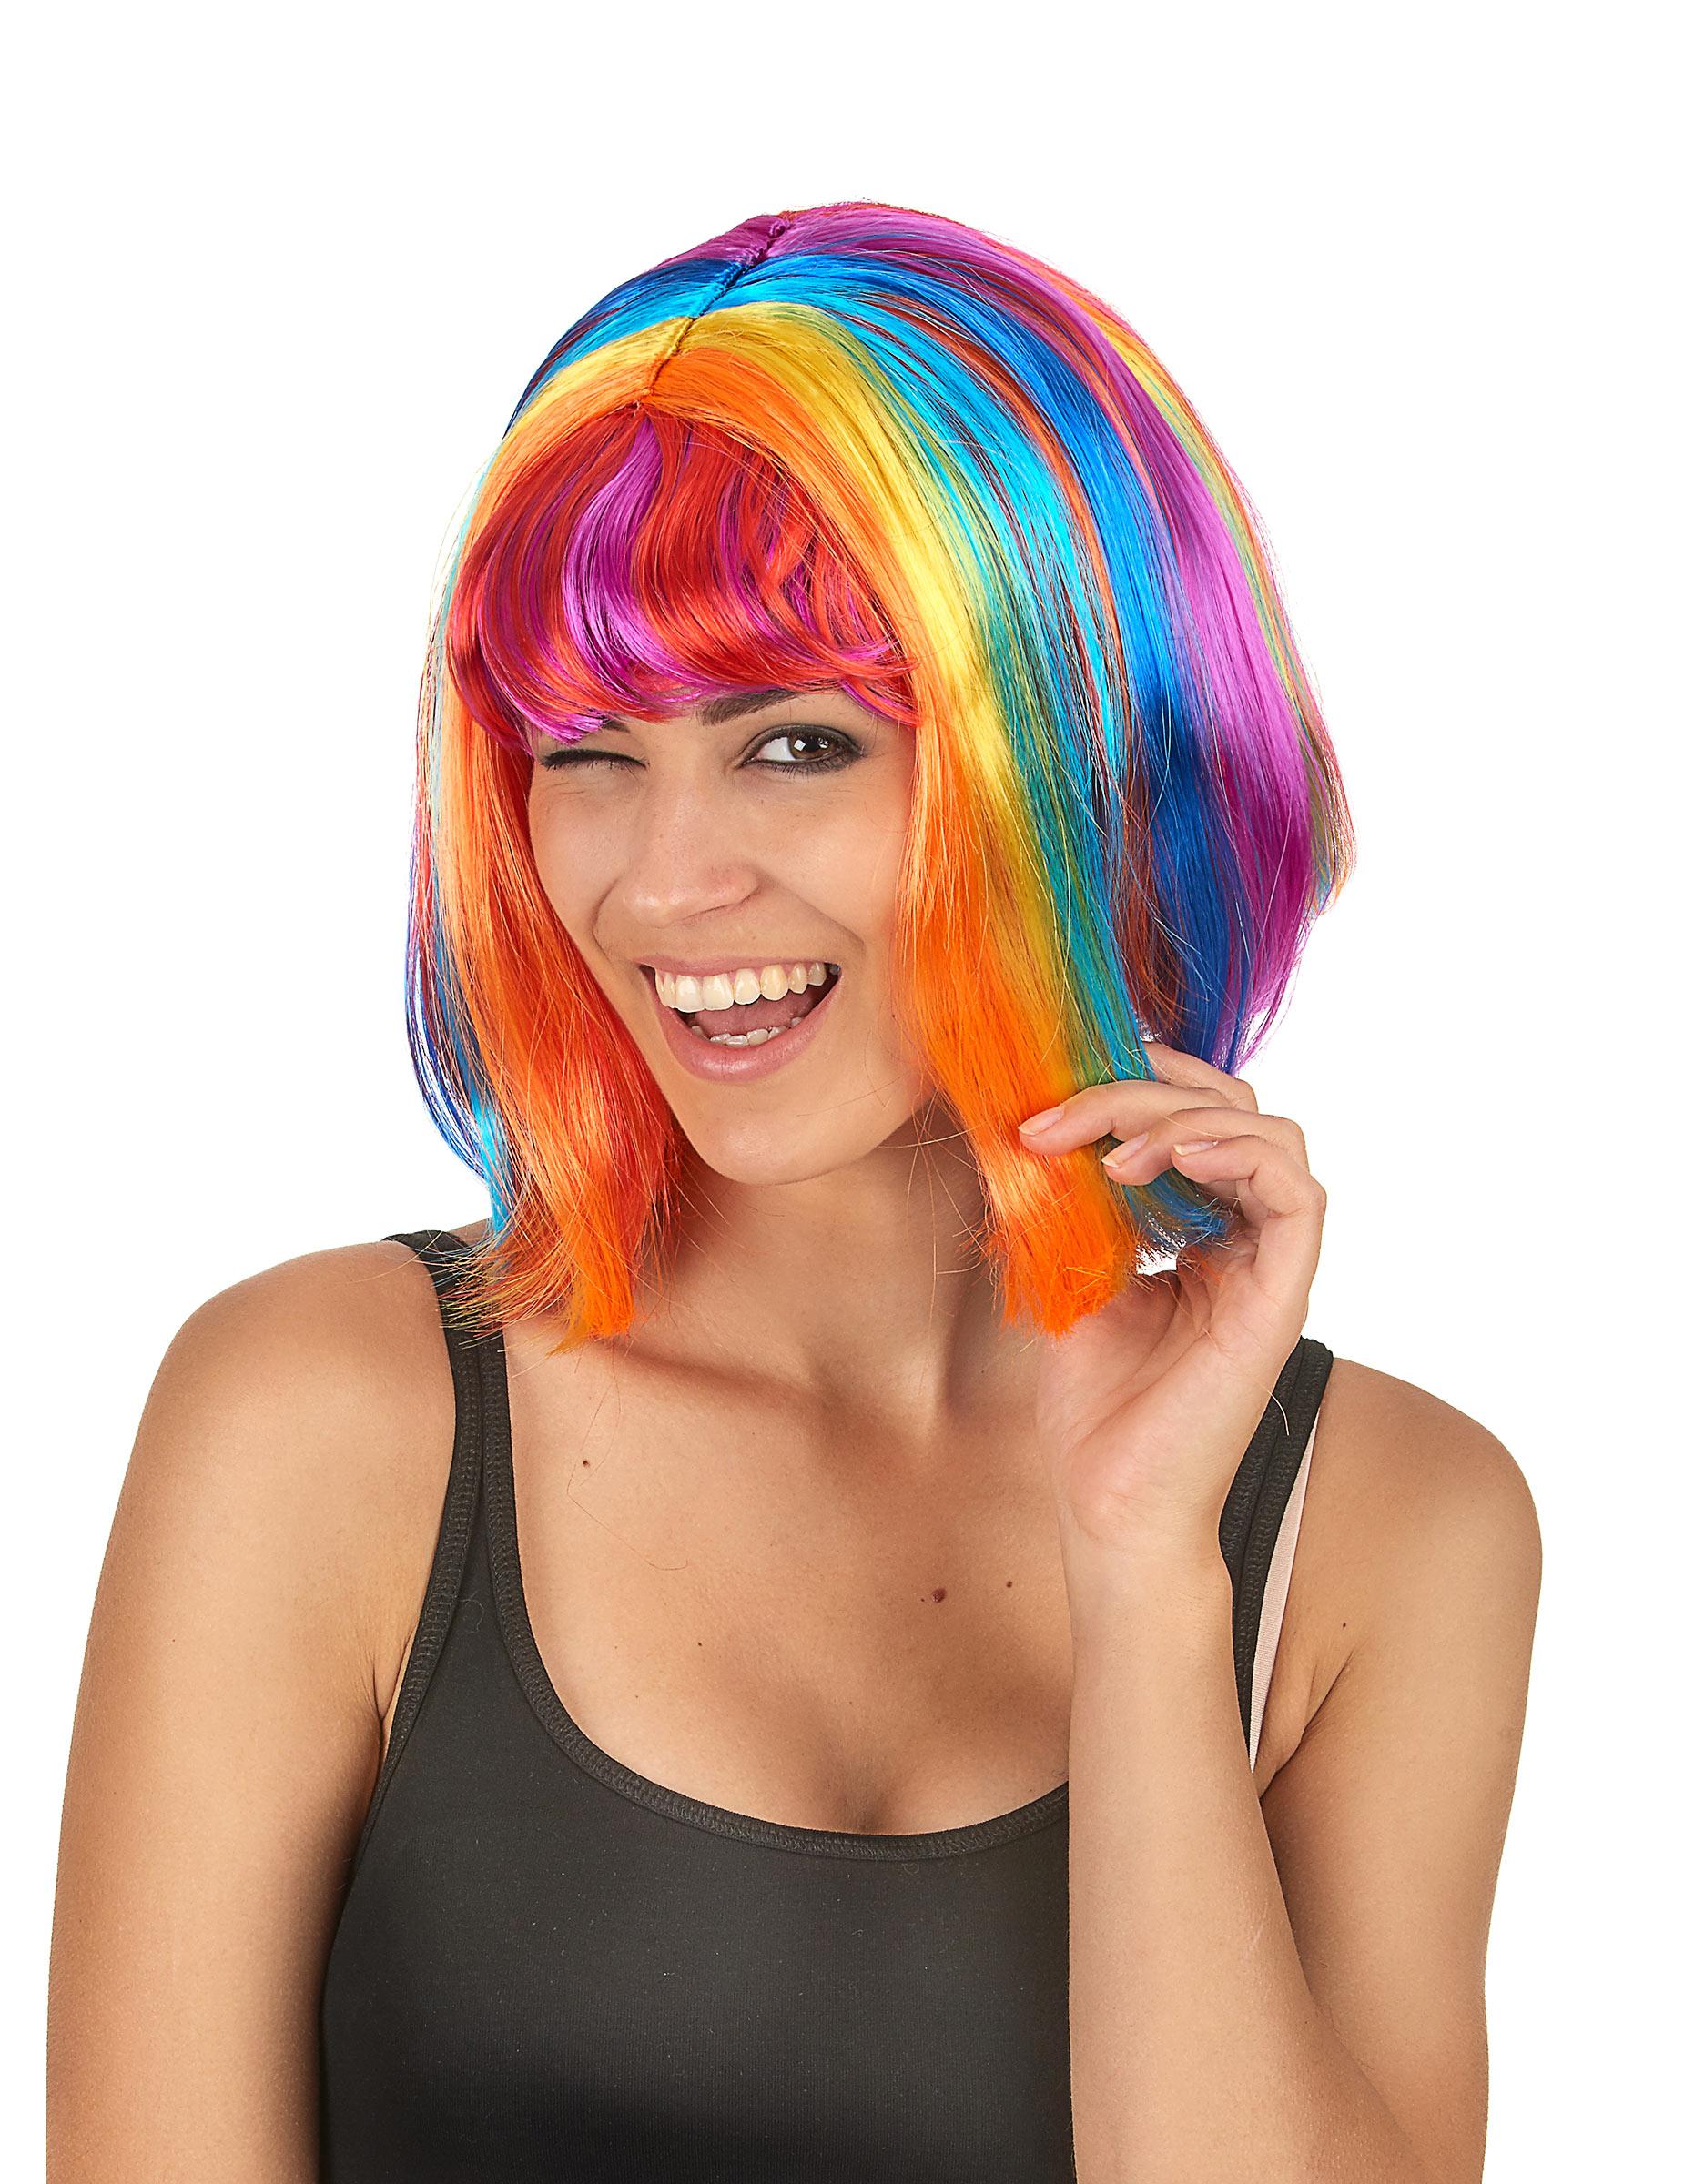 Peluca recta multicolor flequillo mujer  Pelucas 513af1e8f38e